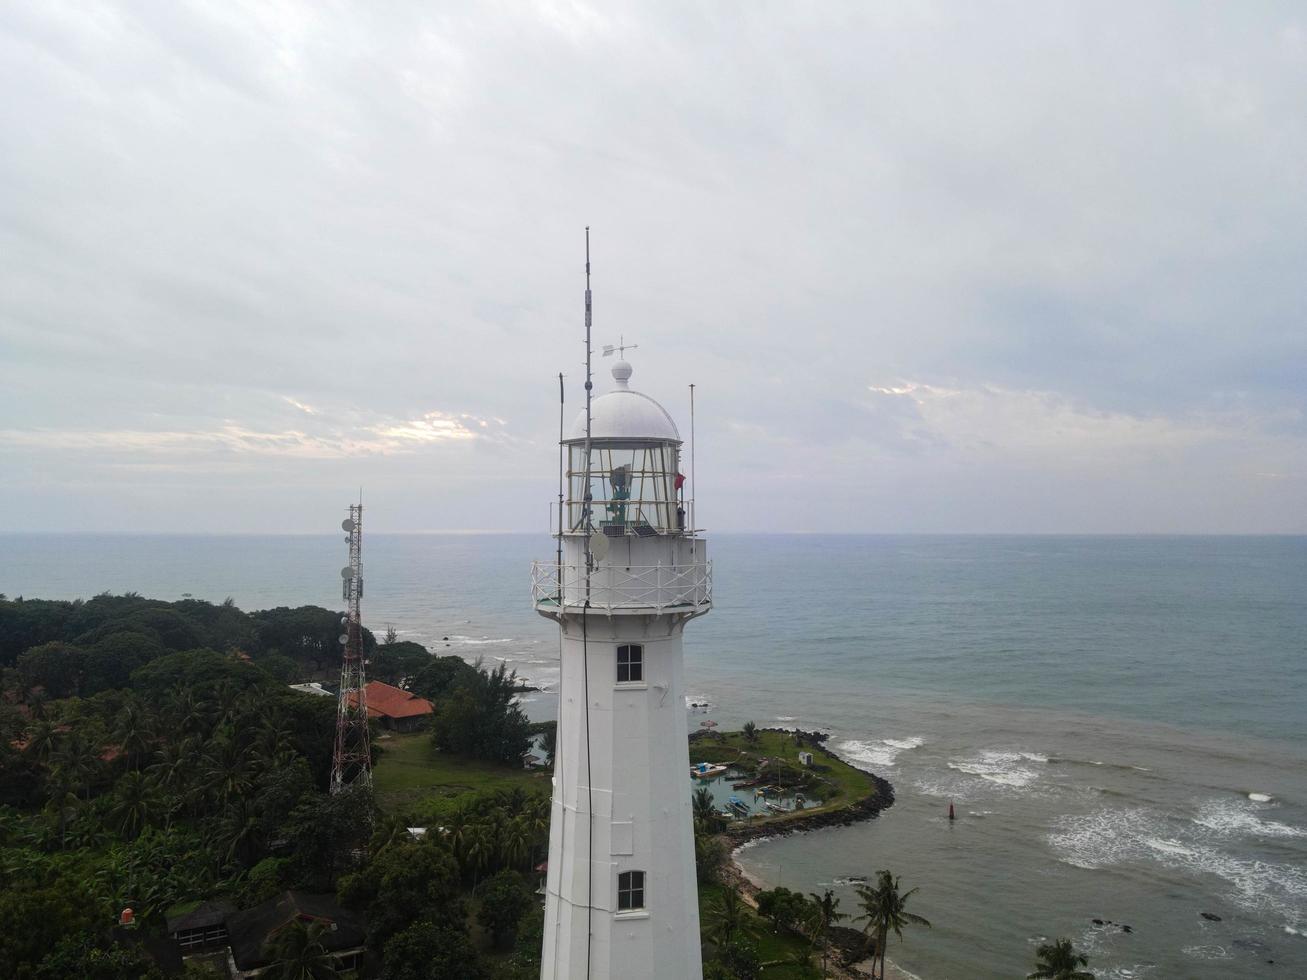 Banten, Indonesië 2021 - luchtfoto van de zeehaven van Pelabuhan Merak en het stadshaveneiland Luchtfoto van het landschap van de zonsondergang op de rotsen van de vuurtoren op zee. zonsondergang vuurtoren scène. op elk strand met lawaaiwolk en stadsgezicht. Banten, Indonesië, 3 maart 2021 foto